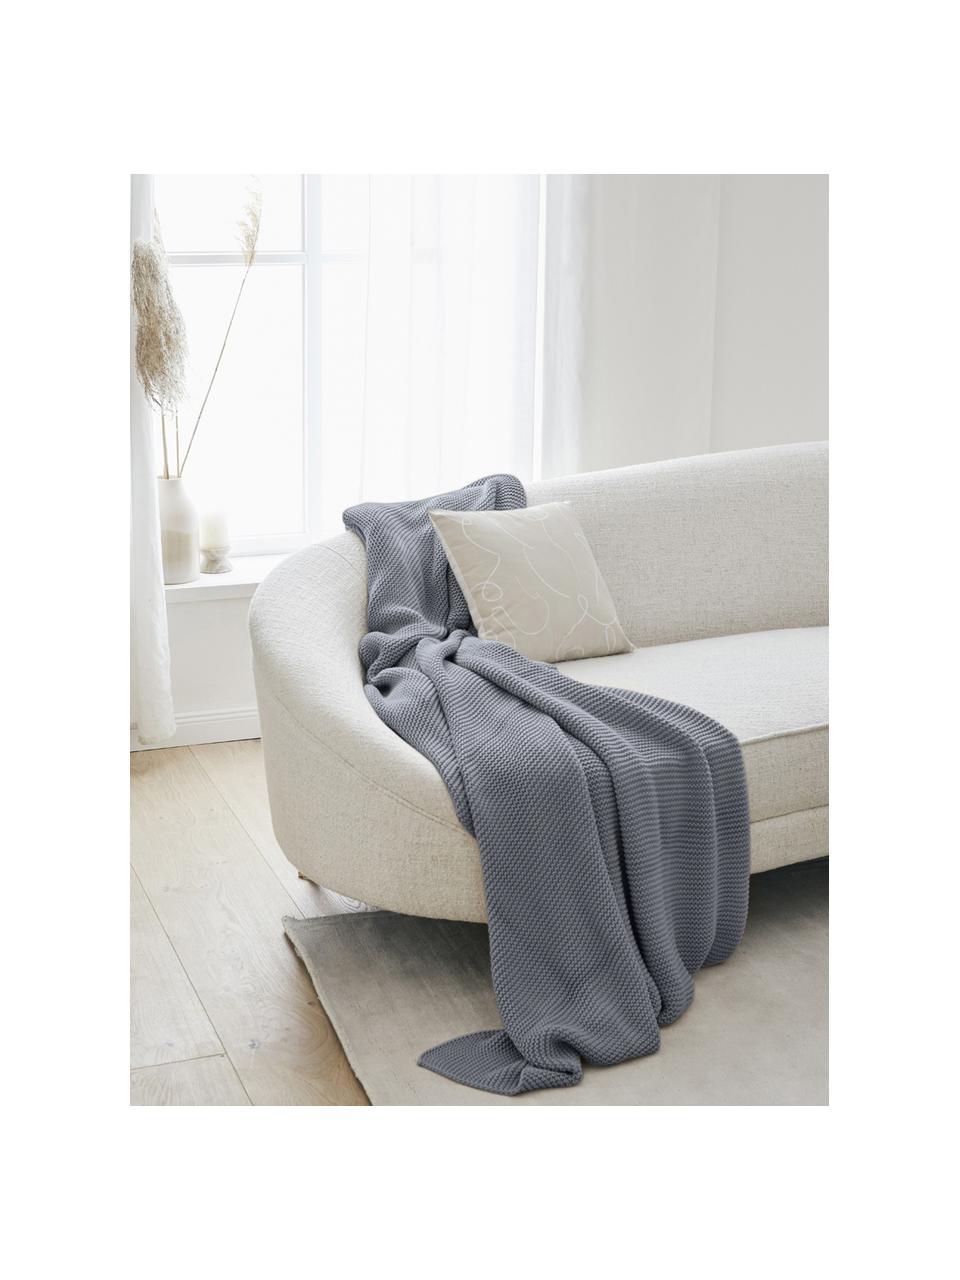 Coperta a maglia in cotone biologico grigio Adalyn, 100% cotone biologico, certificato GOTS, Grigio, Larg. 150 x Lung. 200 cm